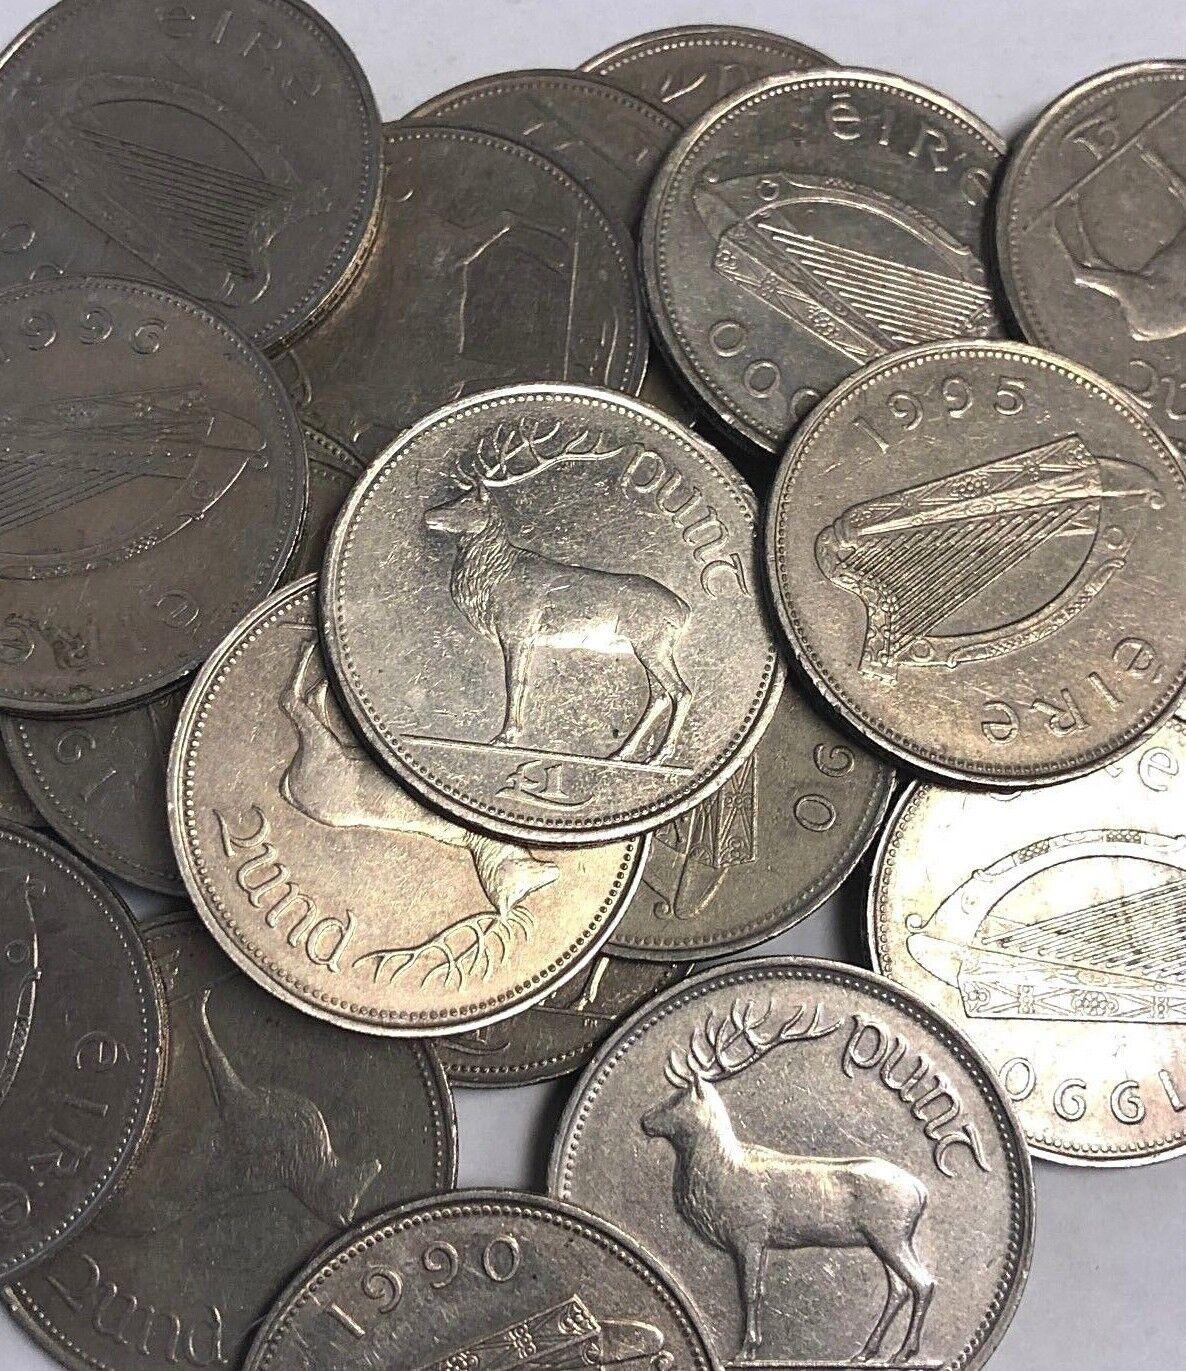 """Ireland /""""EIRE/"""" Stag coins 1990-2000 type Irish Pound £1 Punt Red Deer"""